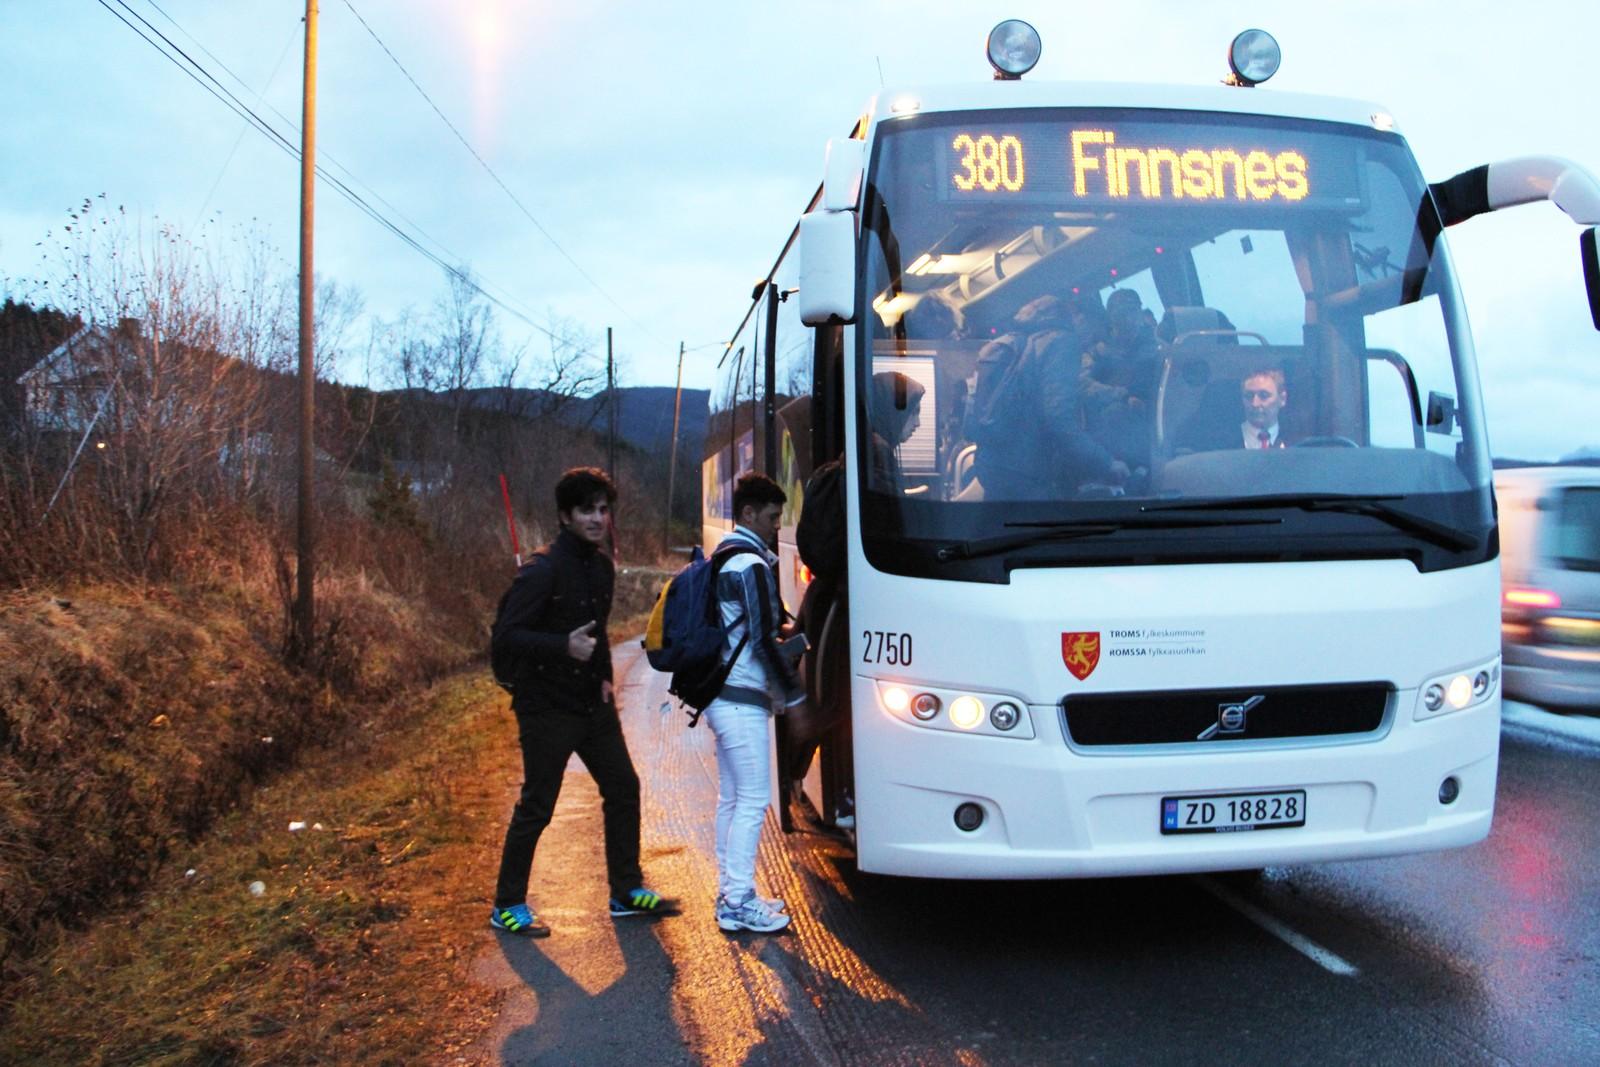 TIL SKOLEN: Litt forsinket drar ungdommen til skolen. Det er ikke alltid de rekker å ta den bussen de helst bør ta for å rekke undervisningen.